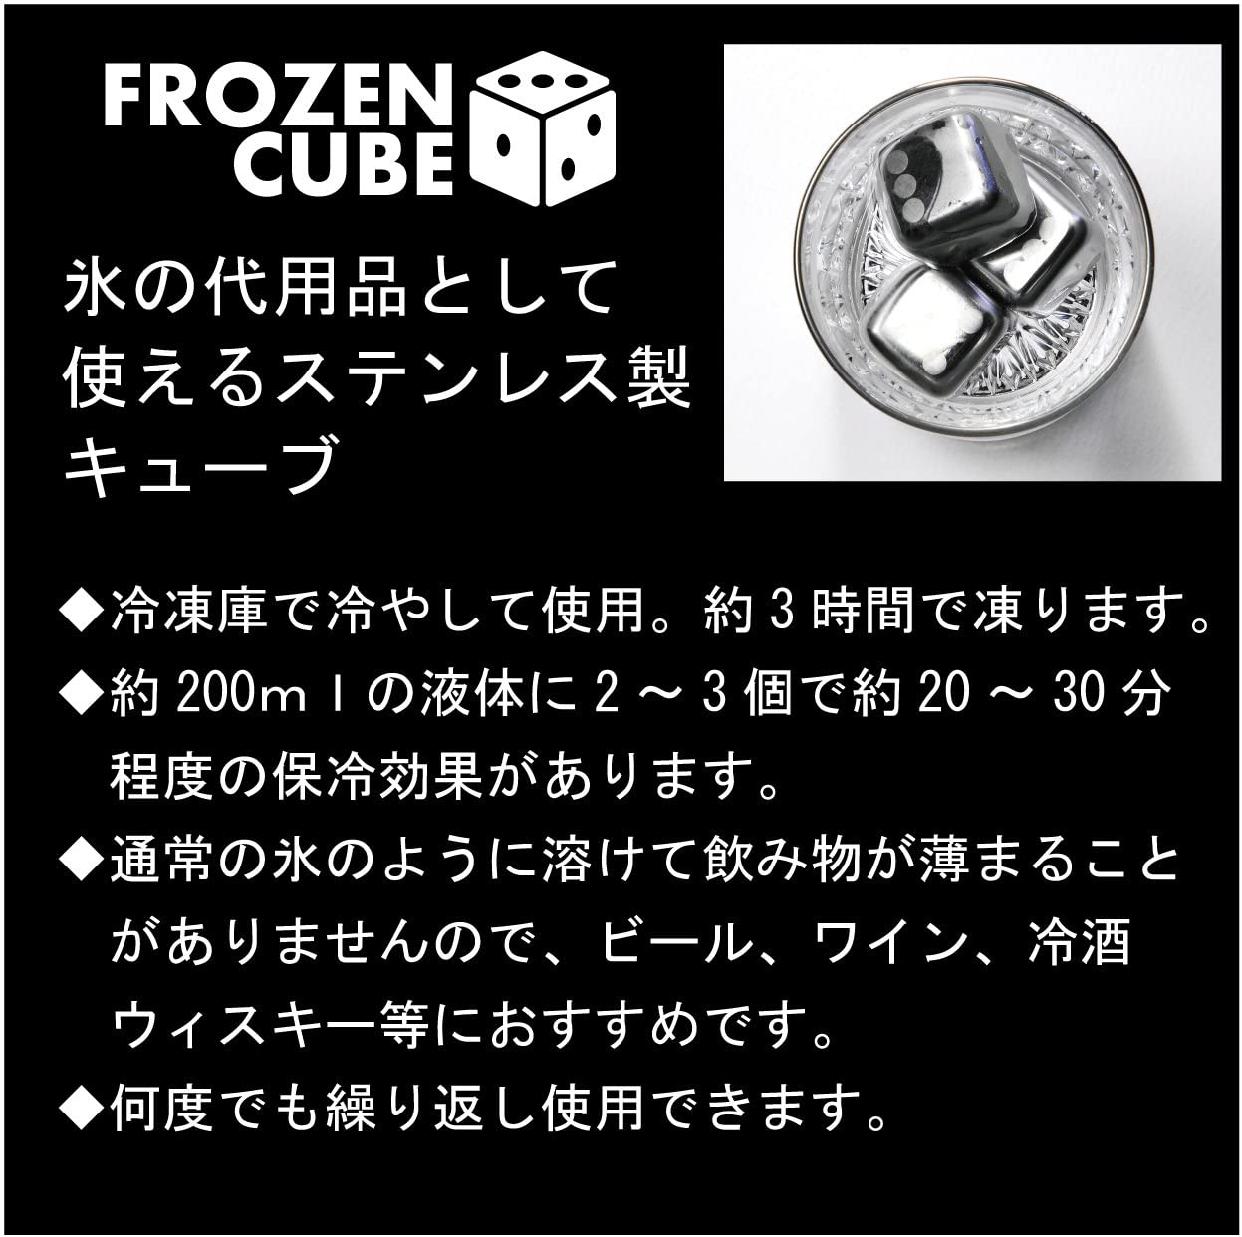 山勝美濃陶苑(Yamakatsuminotouen) 二重タンブラー&キューブ2Pの商品画像3